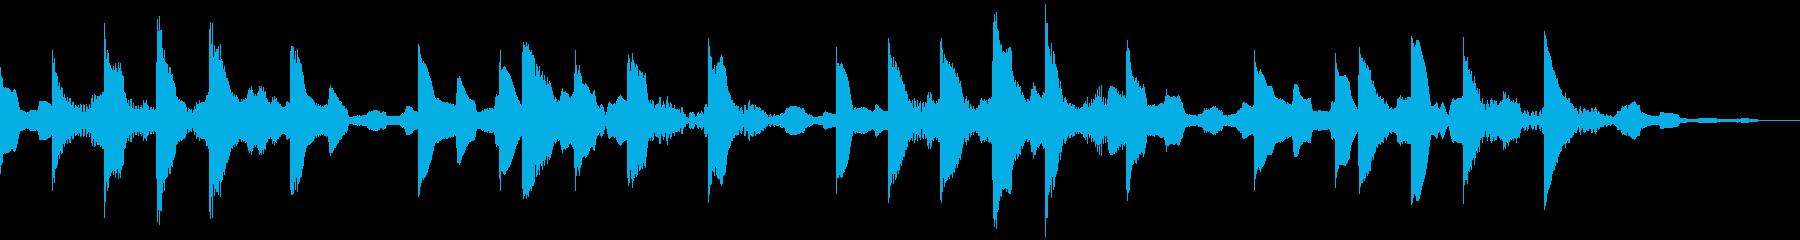 綺麗でメロディアスな着信音の再生済みの波形